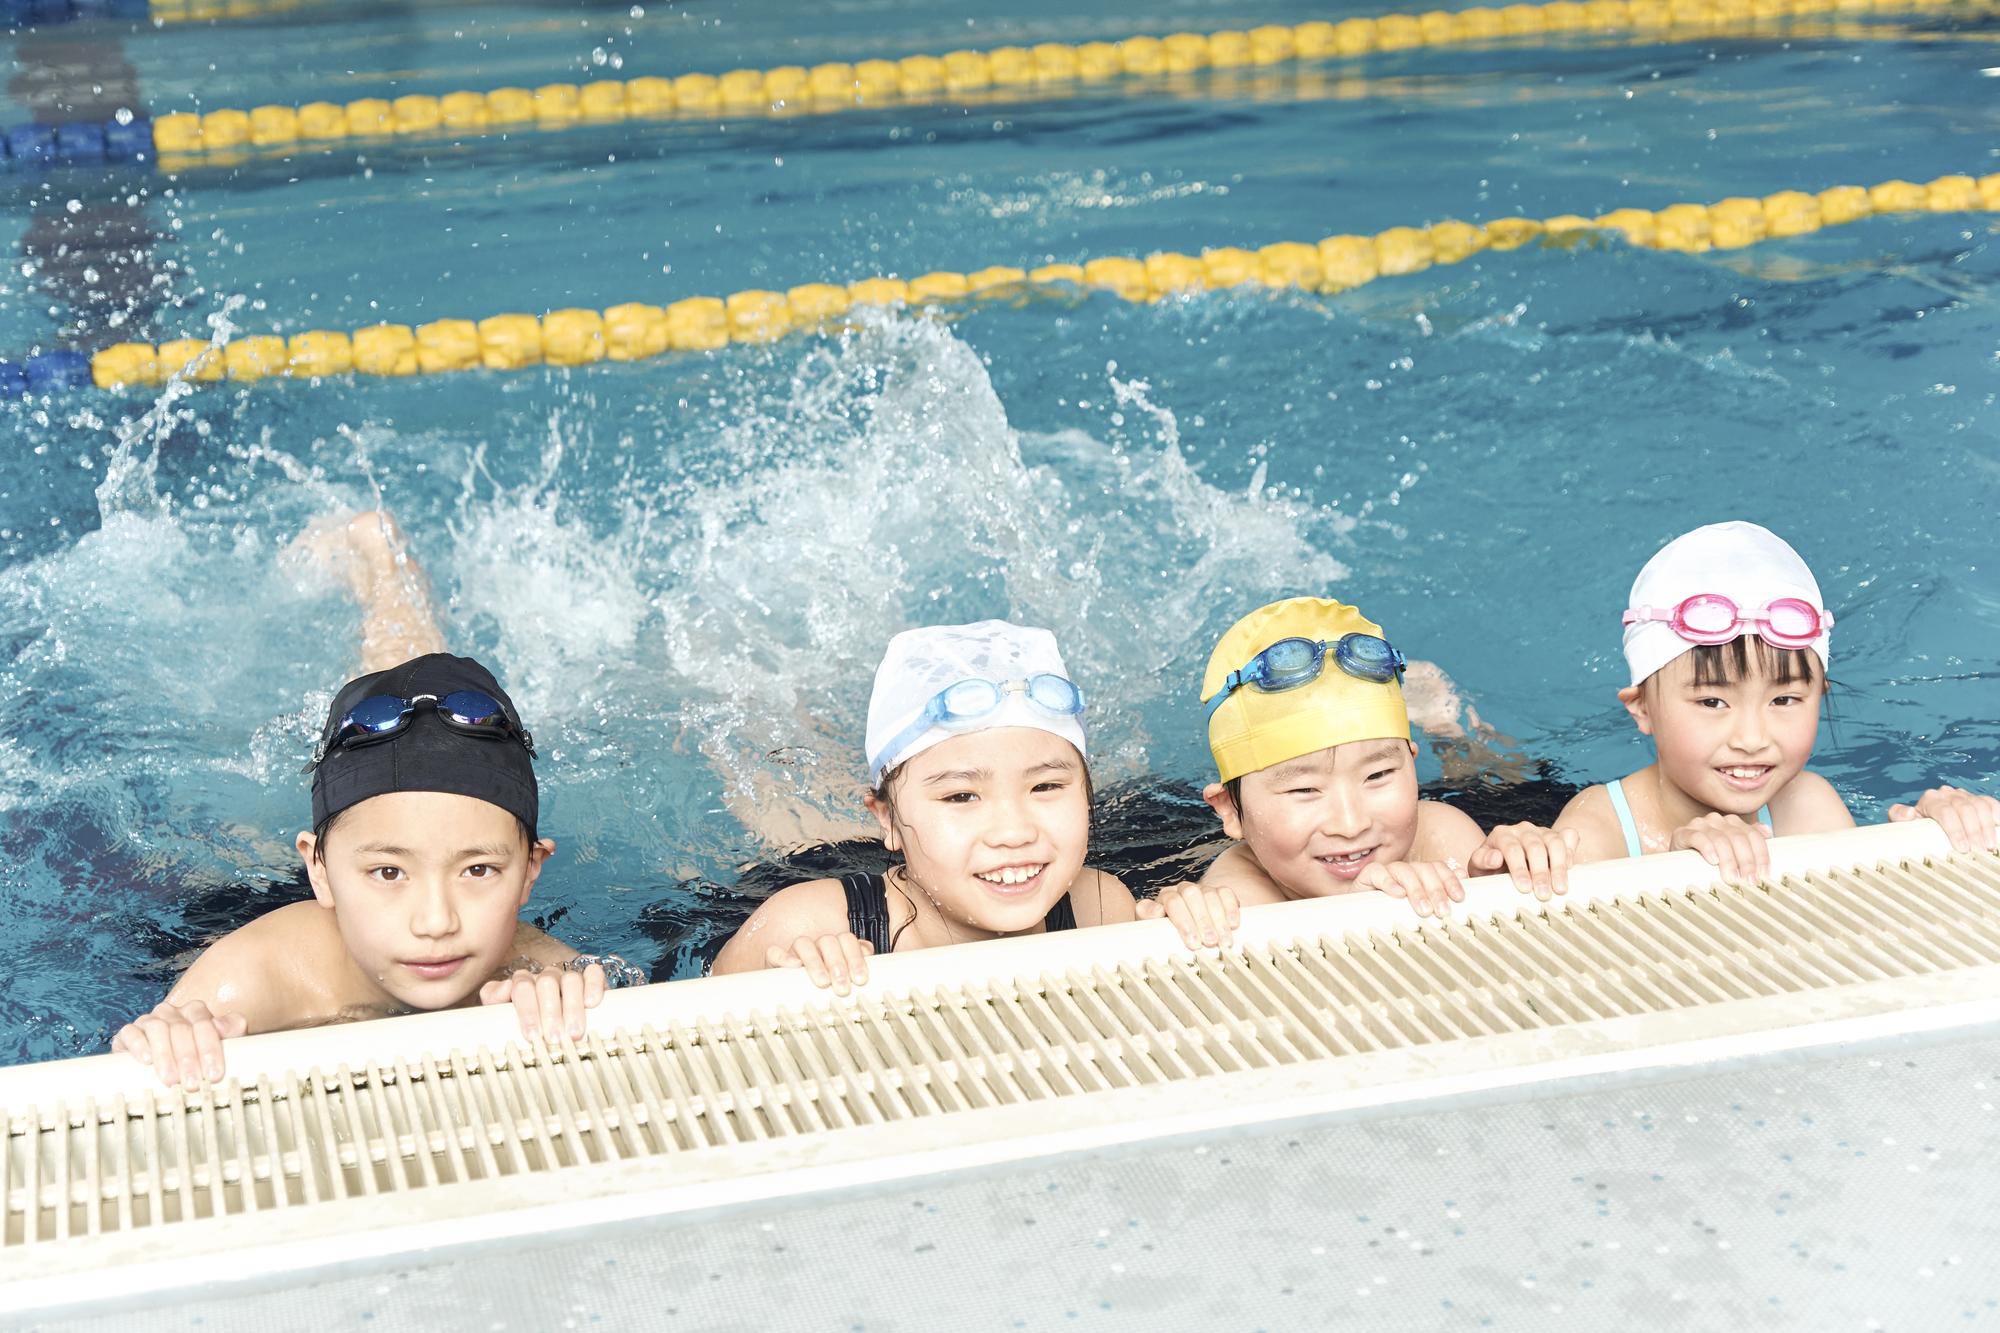 幼児に習わせたいスポーツスイミングスクール